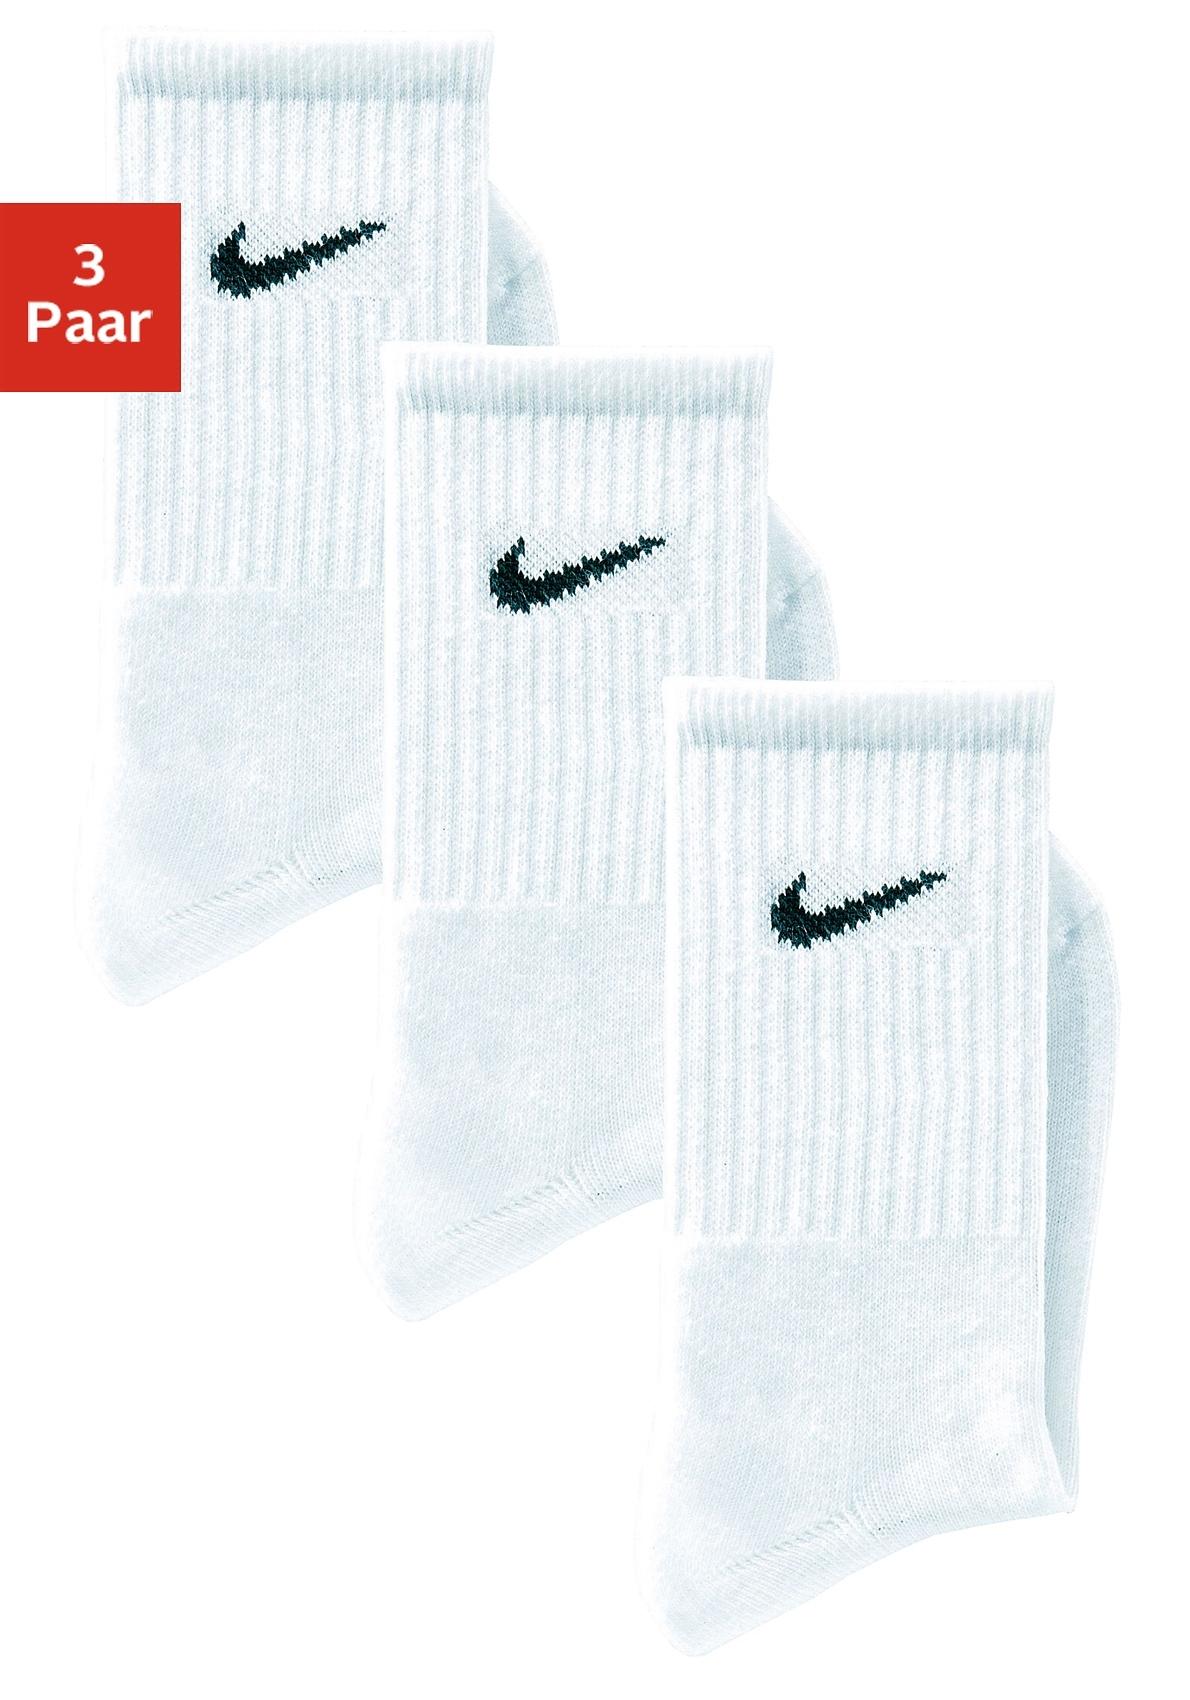 Nike Sportsokken, set van 3 paar goedkoop op otto.nl kopen